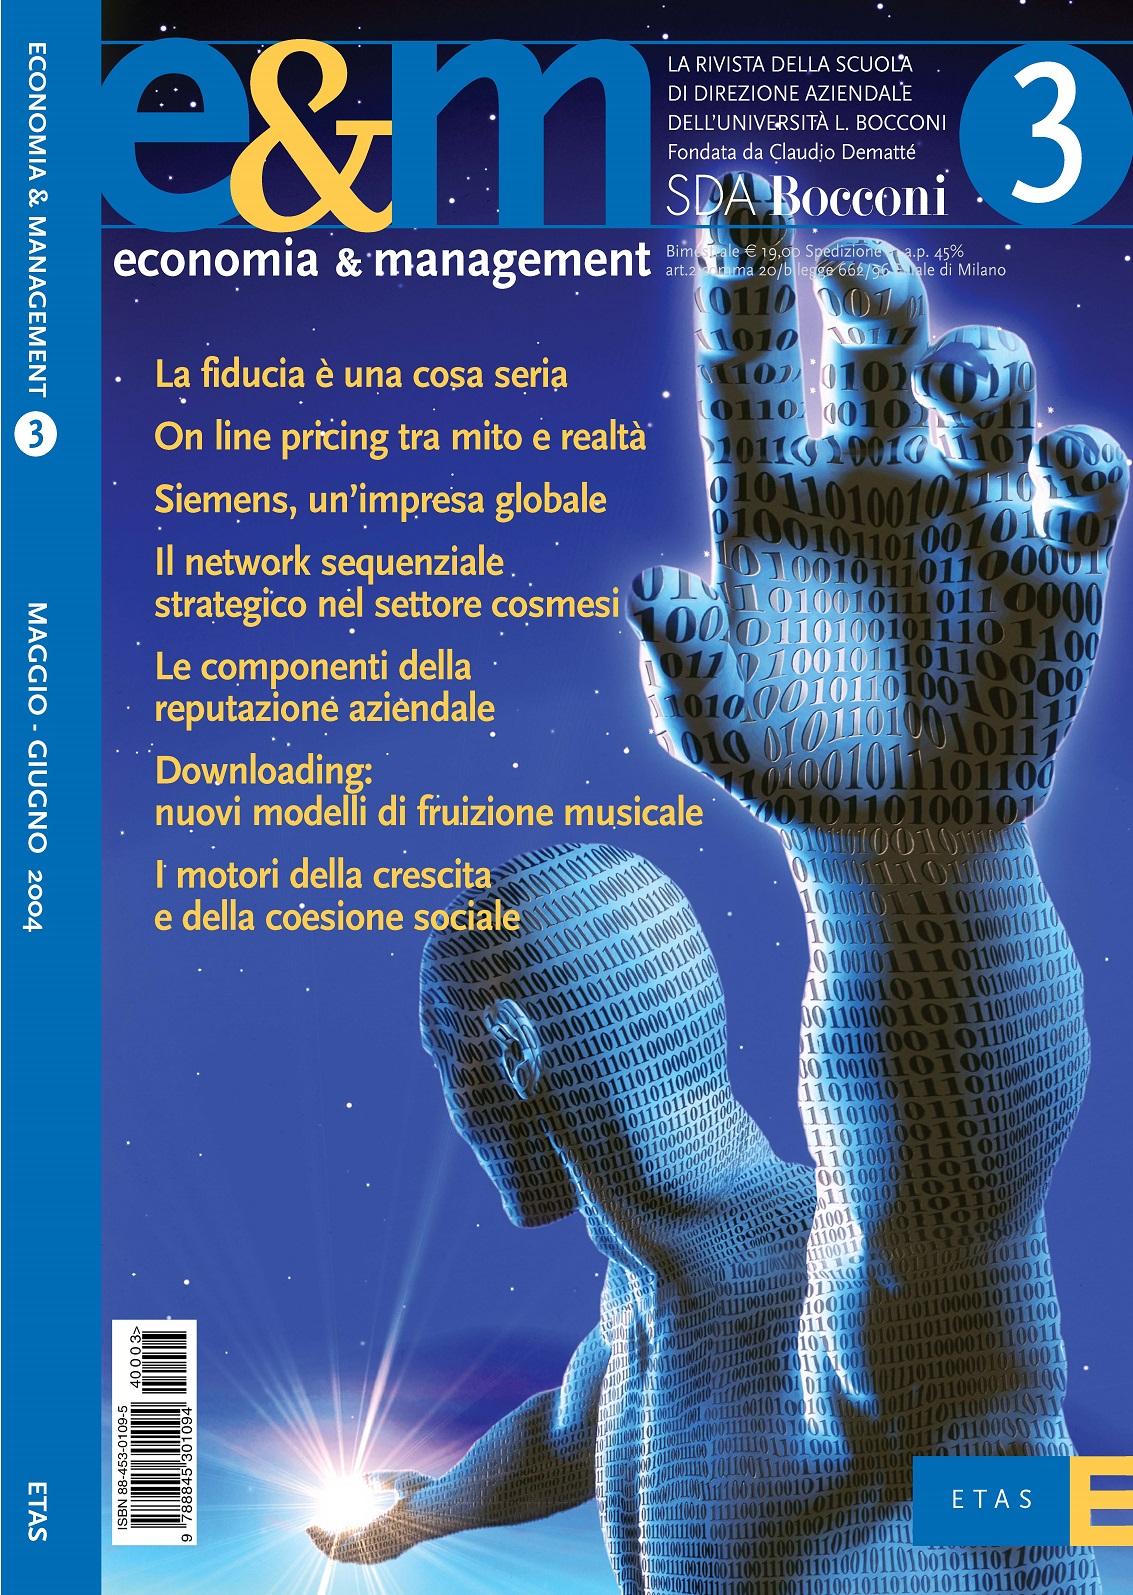 E&M - 2004/3